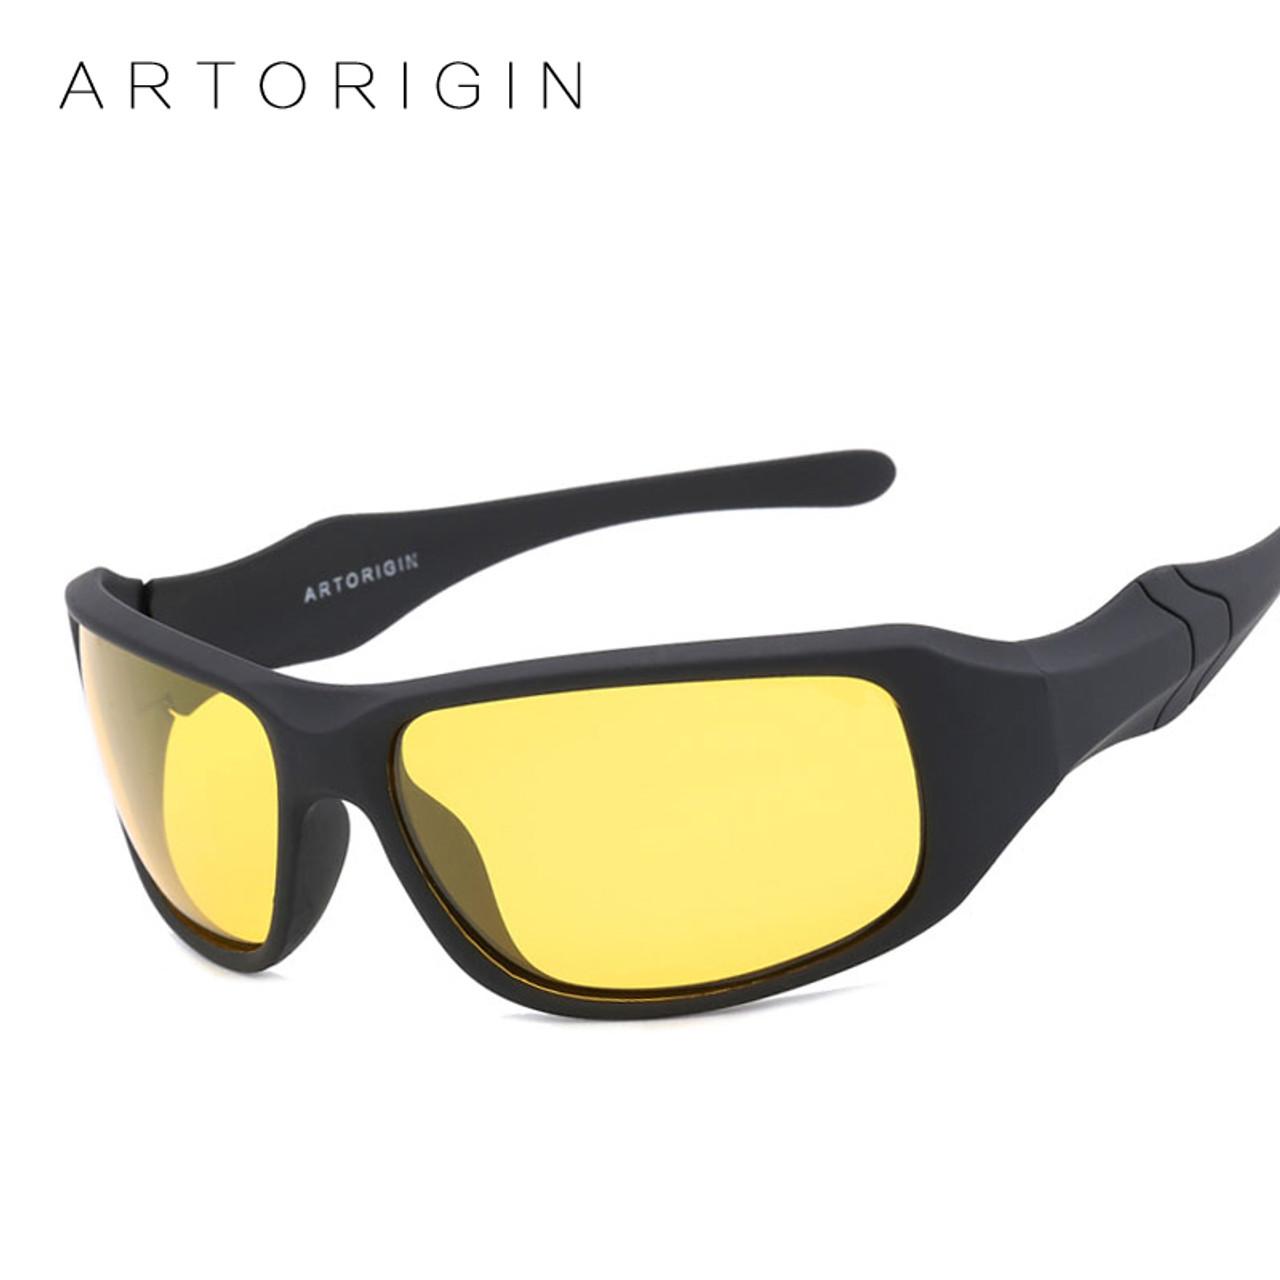 9febf88bf8 ARTORIGIN Polarized Sunglasses Men Women Night Vision Goggles Driving  Glasses Anti Glare Safety Sunglass With Box ...